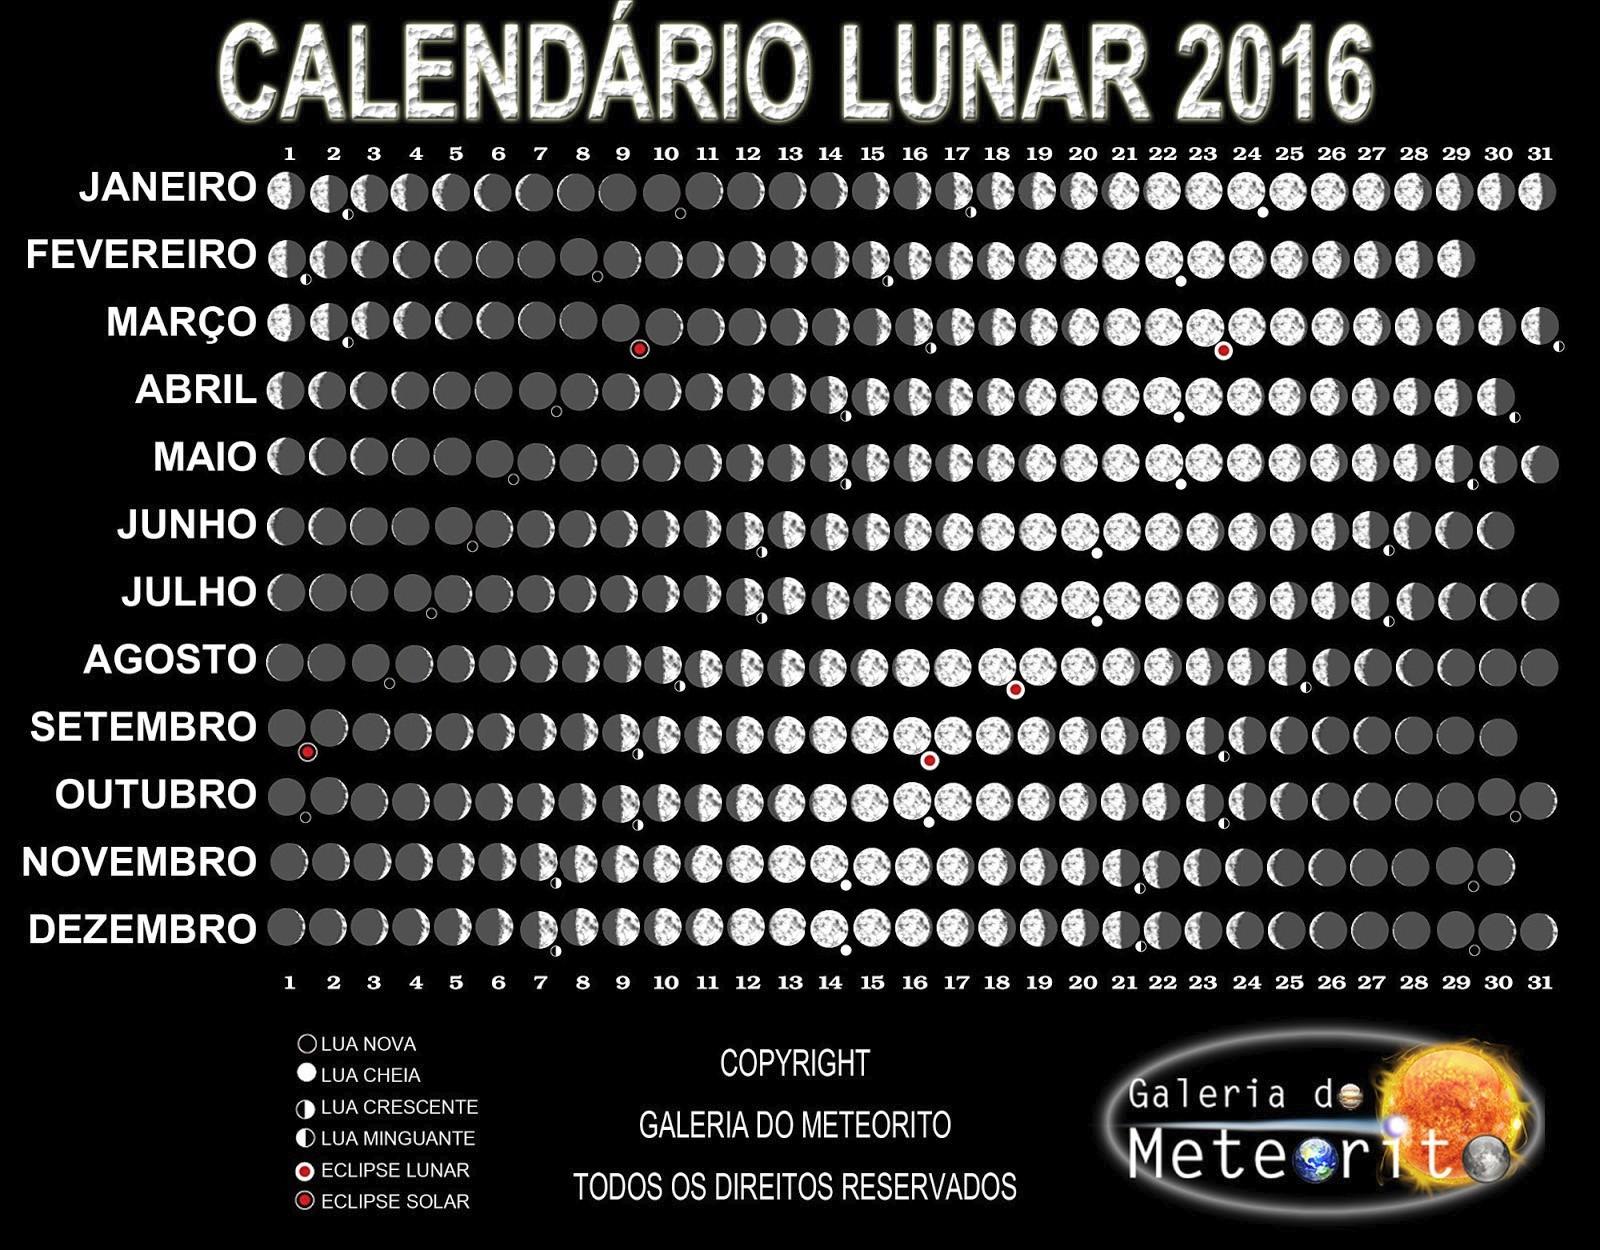 Calendario Lunar 2016